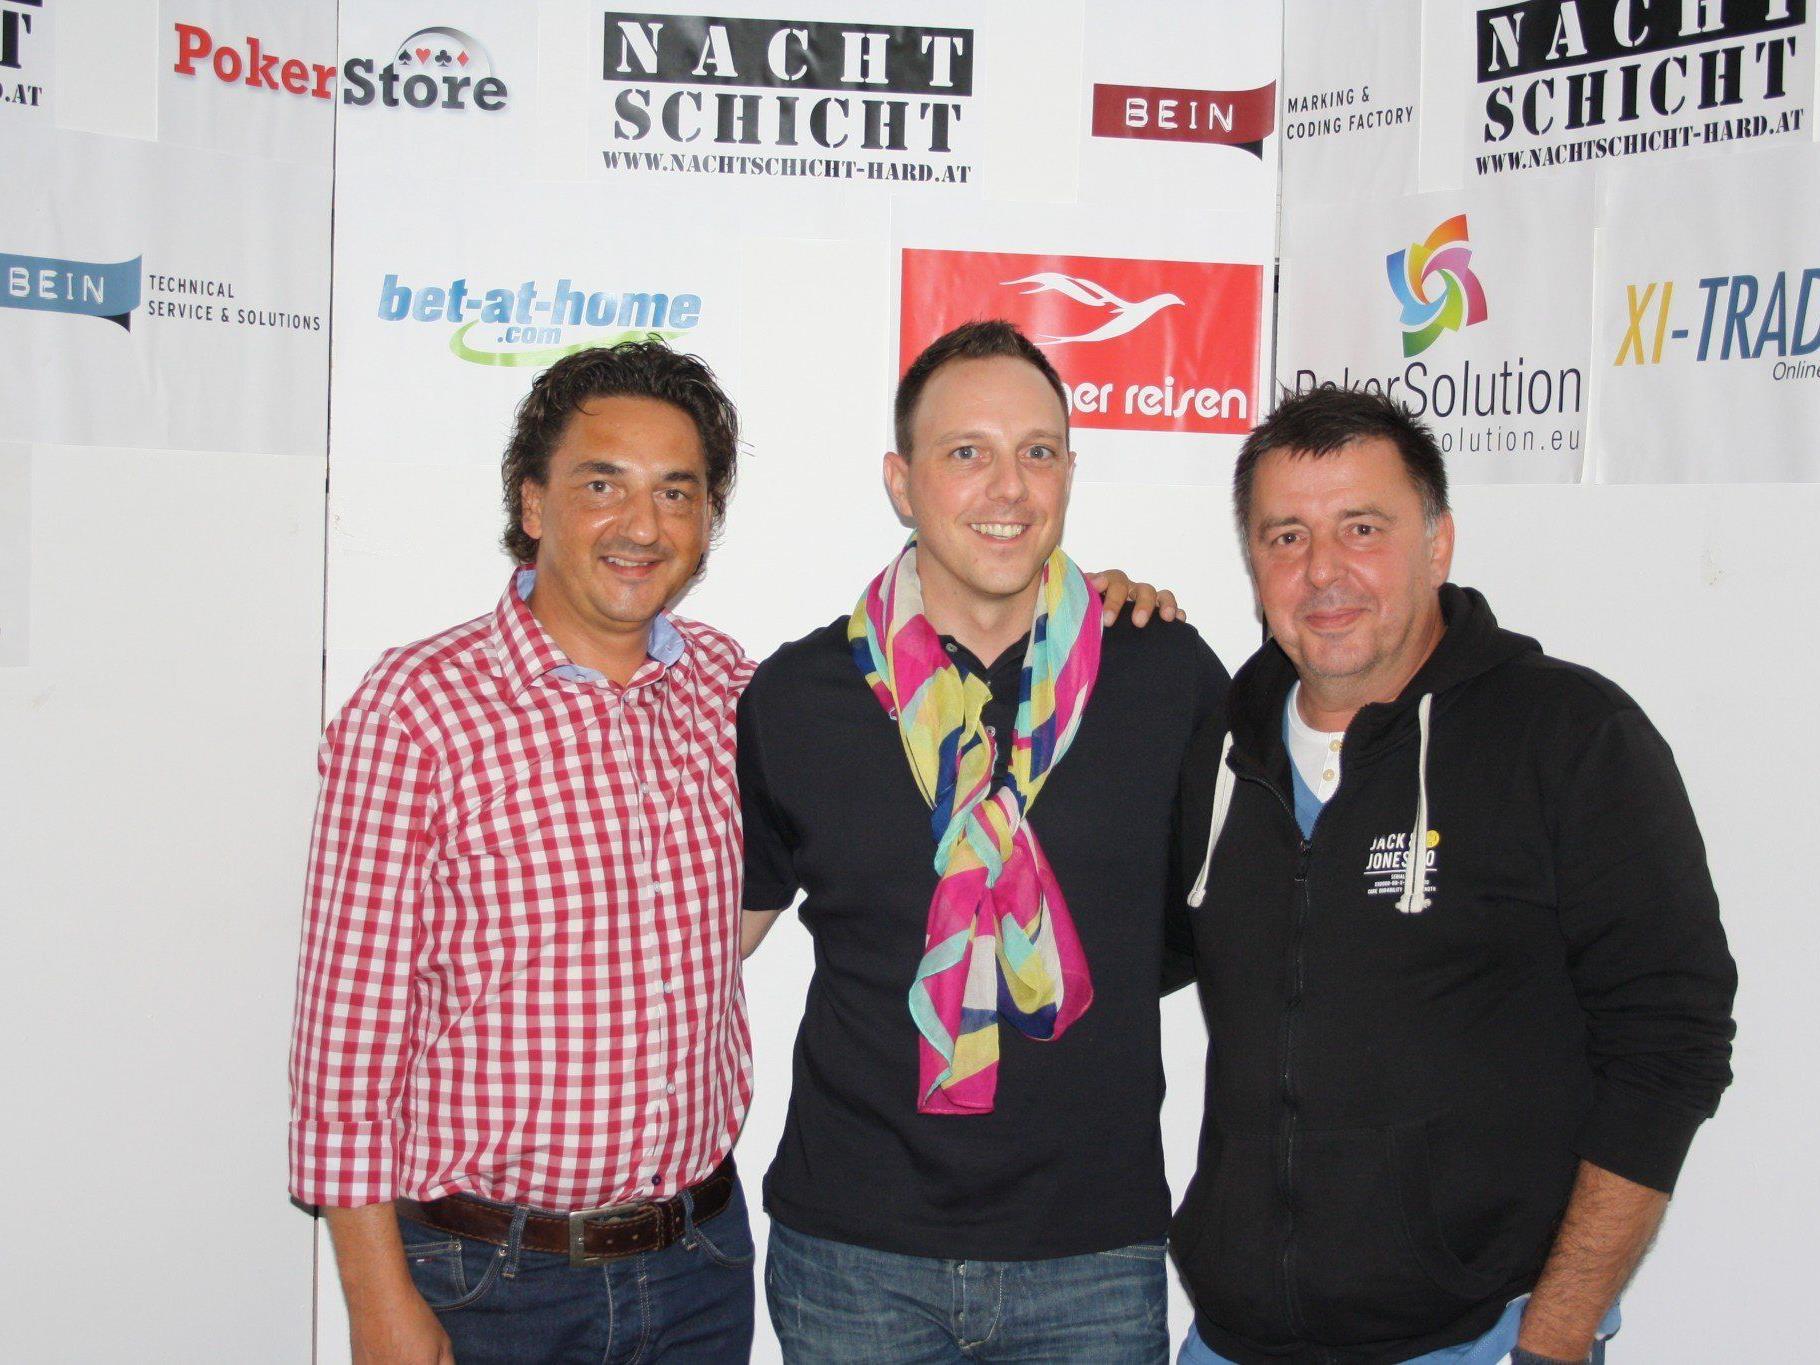 Das Siegerfoto (v.l.n.r.): Harald Mangeng, Hanno Hollenstein und Klaus Bobner